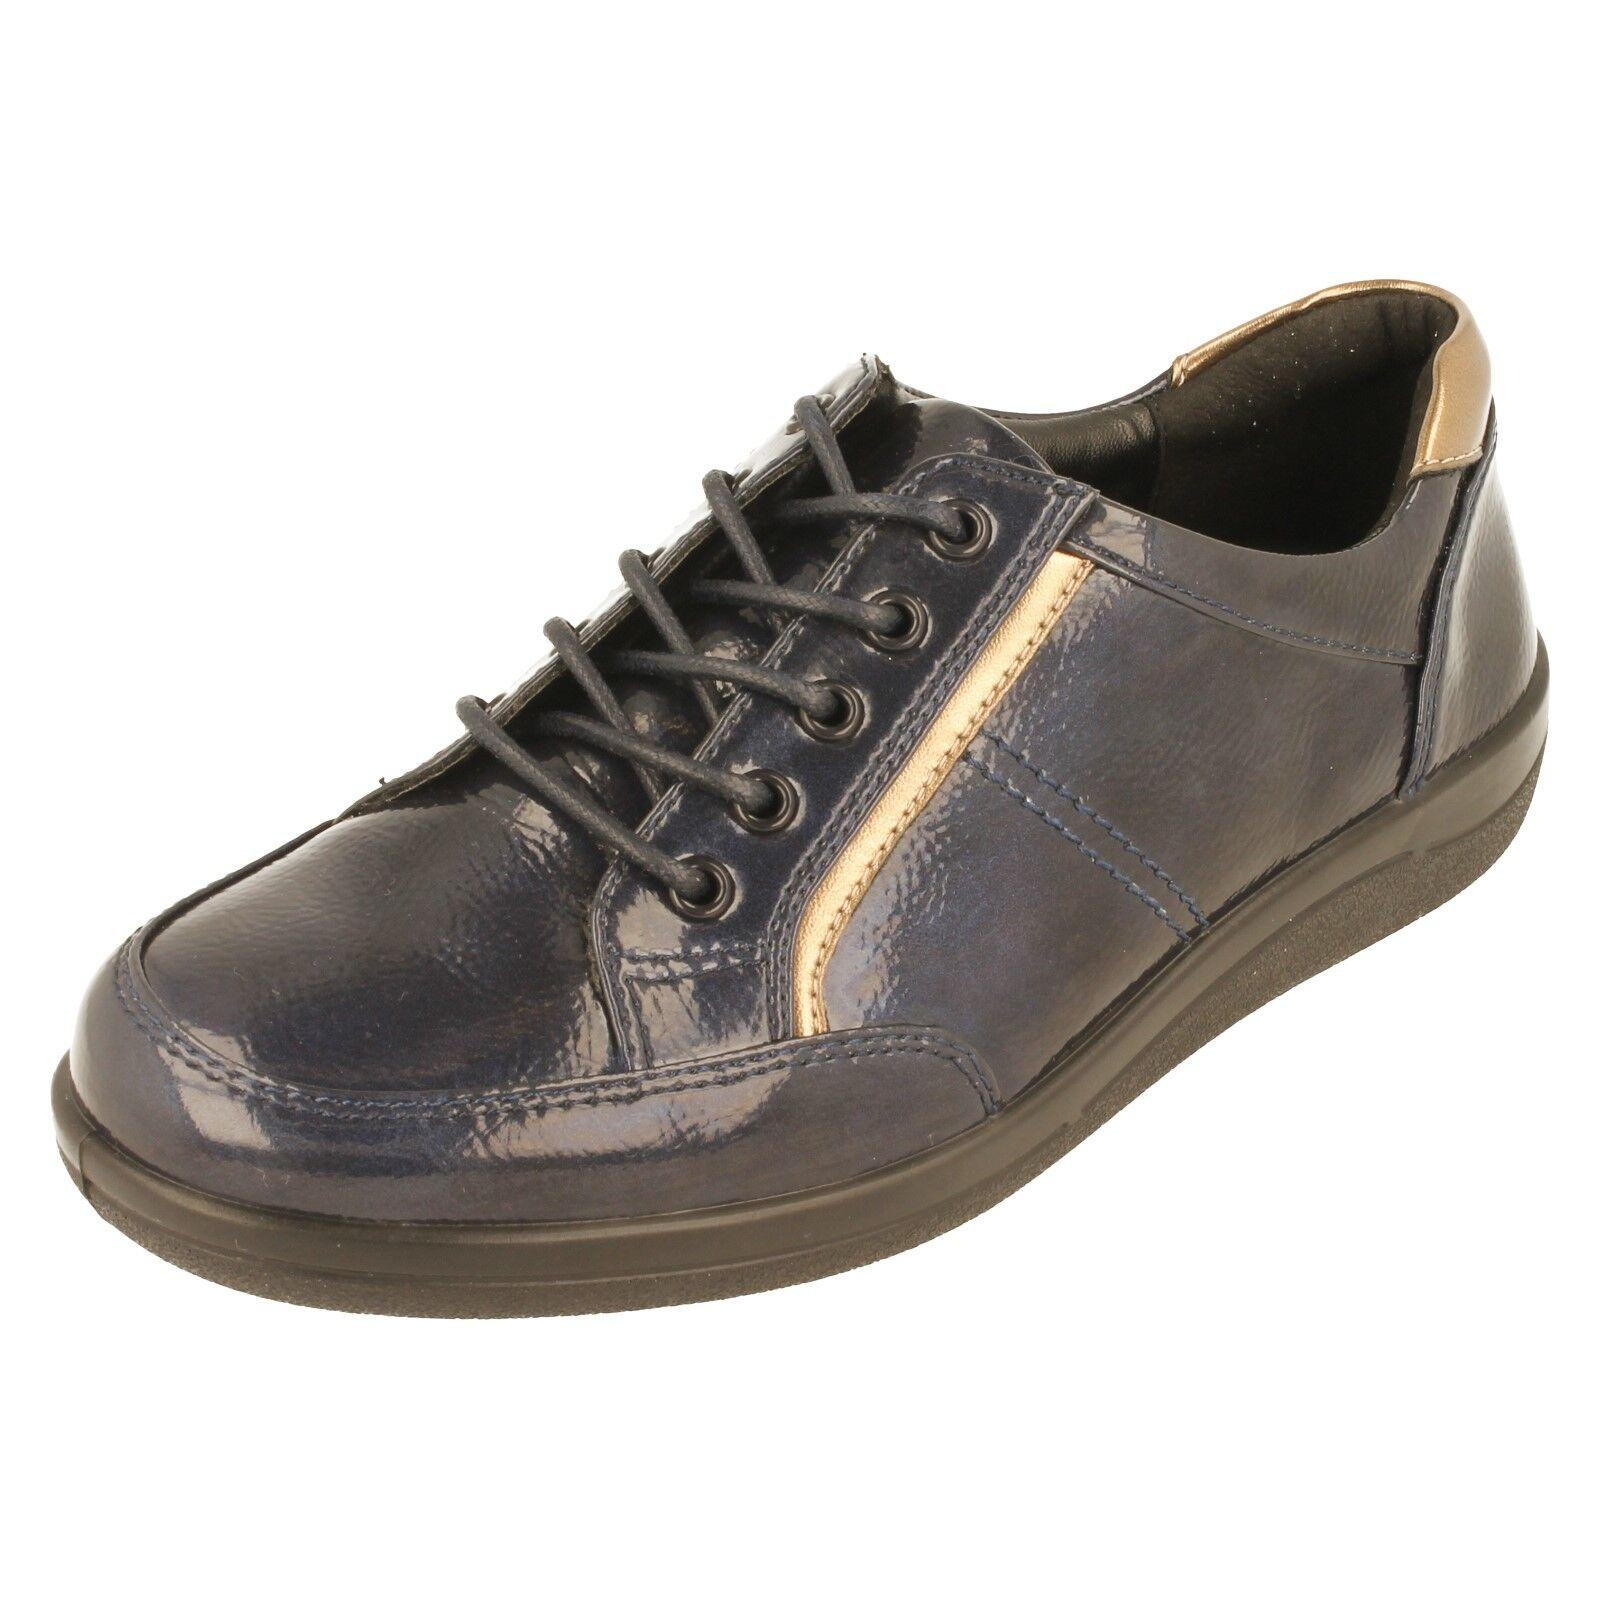 Damen Padders Schnürer Schuhe mit weiter Passform Passform Passform Schuhe - Atom d4fb5b